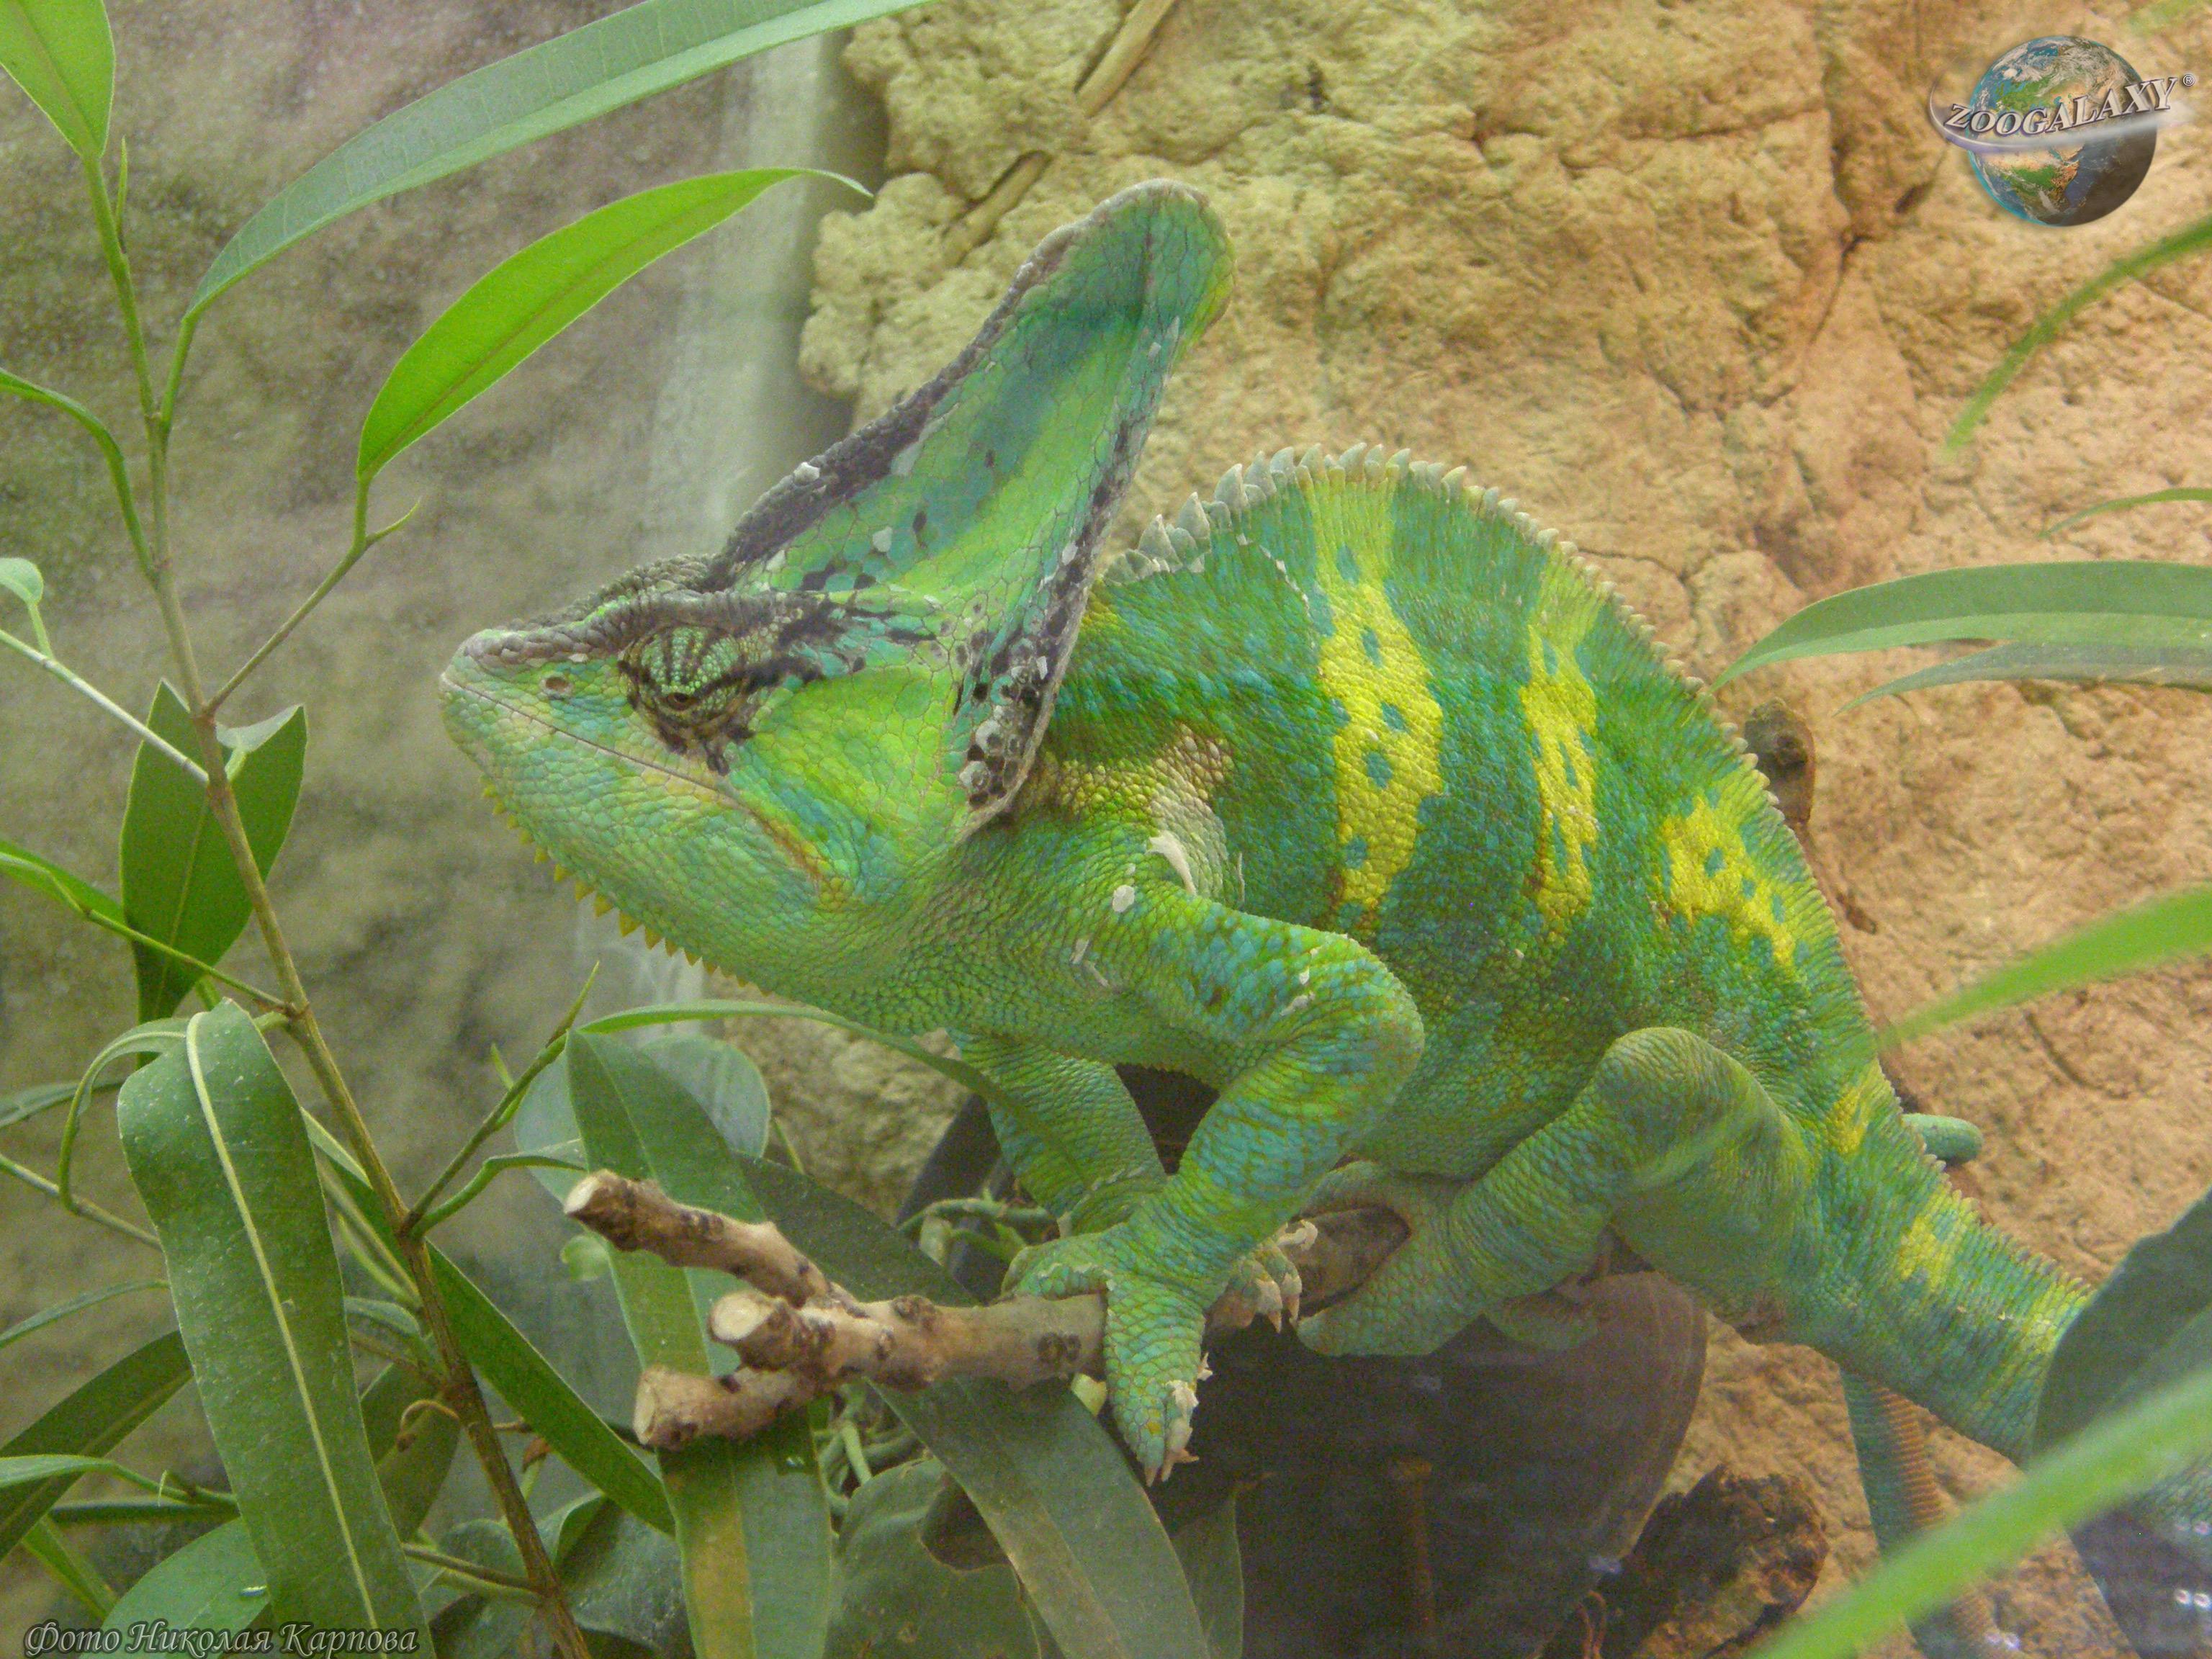 Хамелеон описание, виды, чем питается, где обитает, фото 9